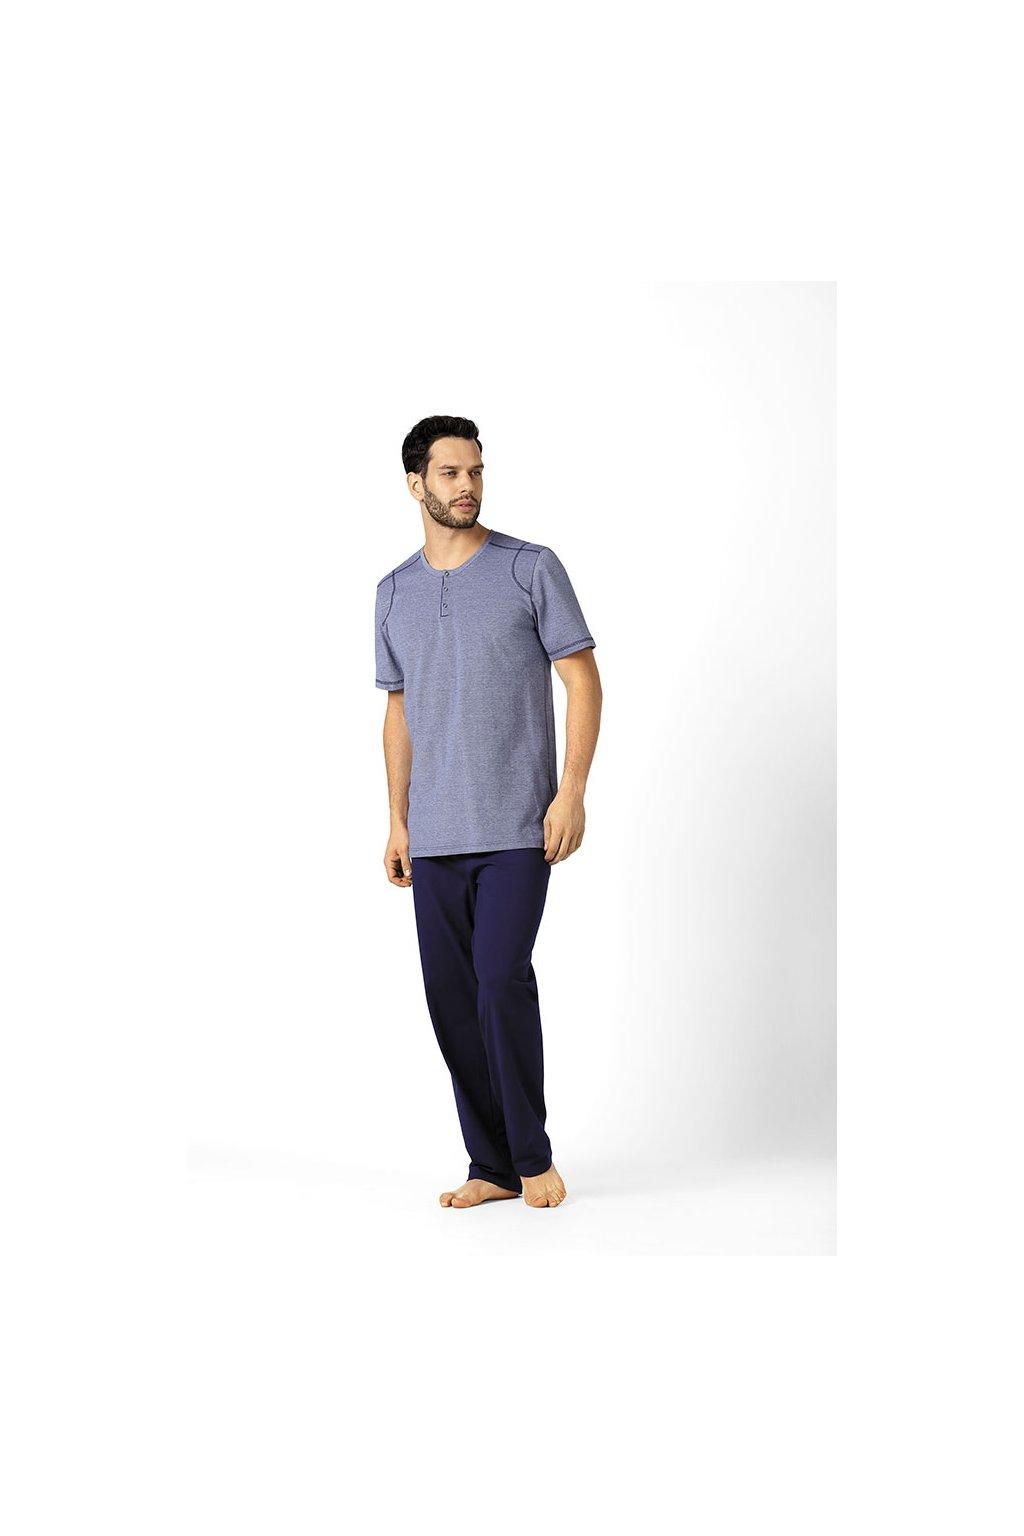 Pánské pyžamo s krátkým rukávem a dlouhými nohavicemi, 20497 163, tmavě modrá